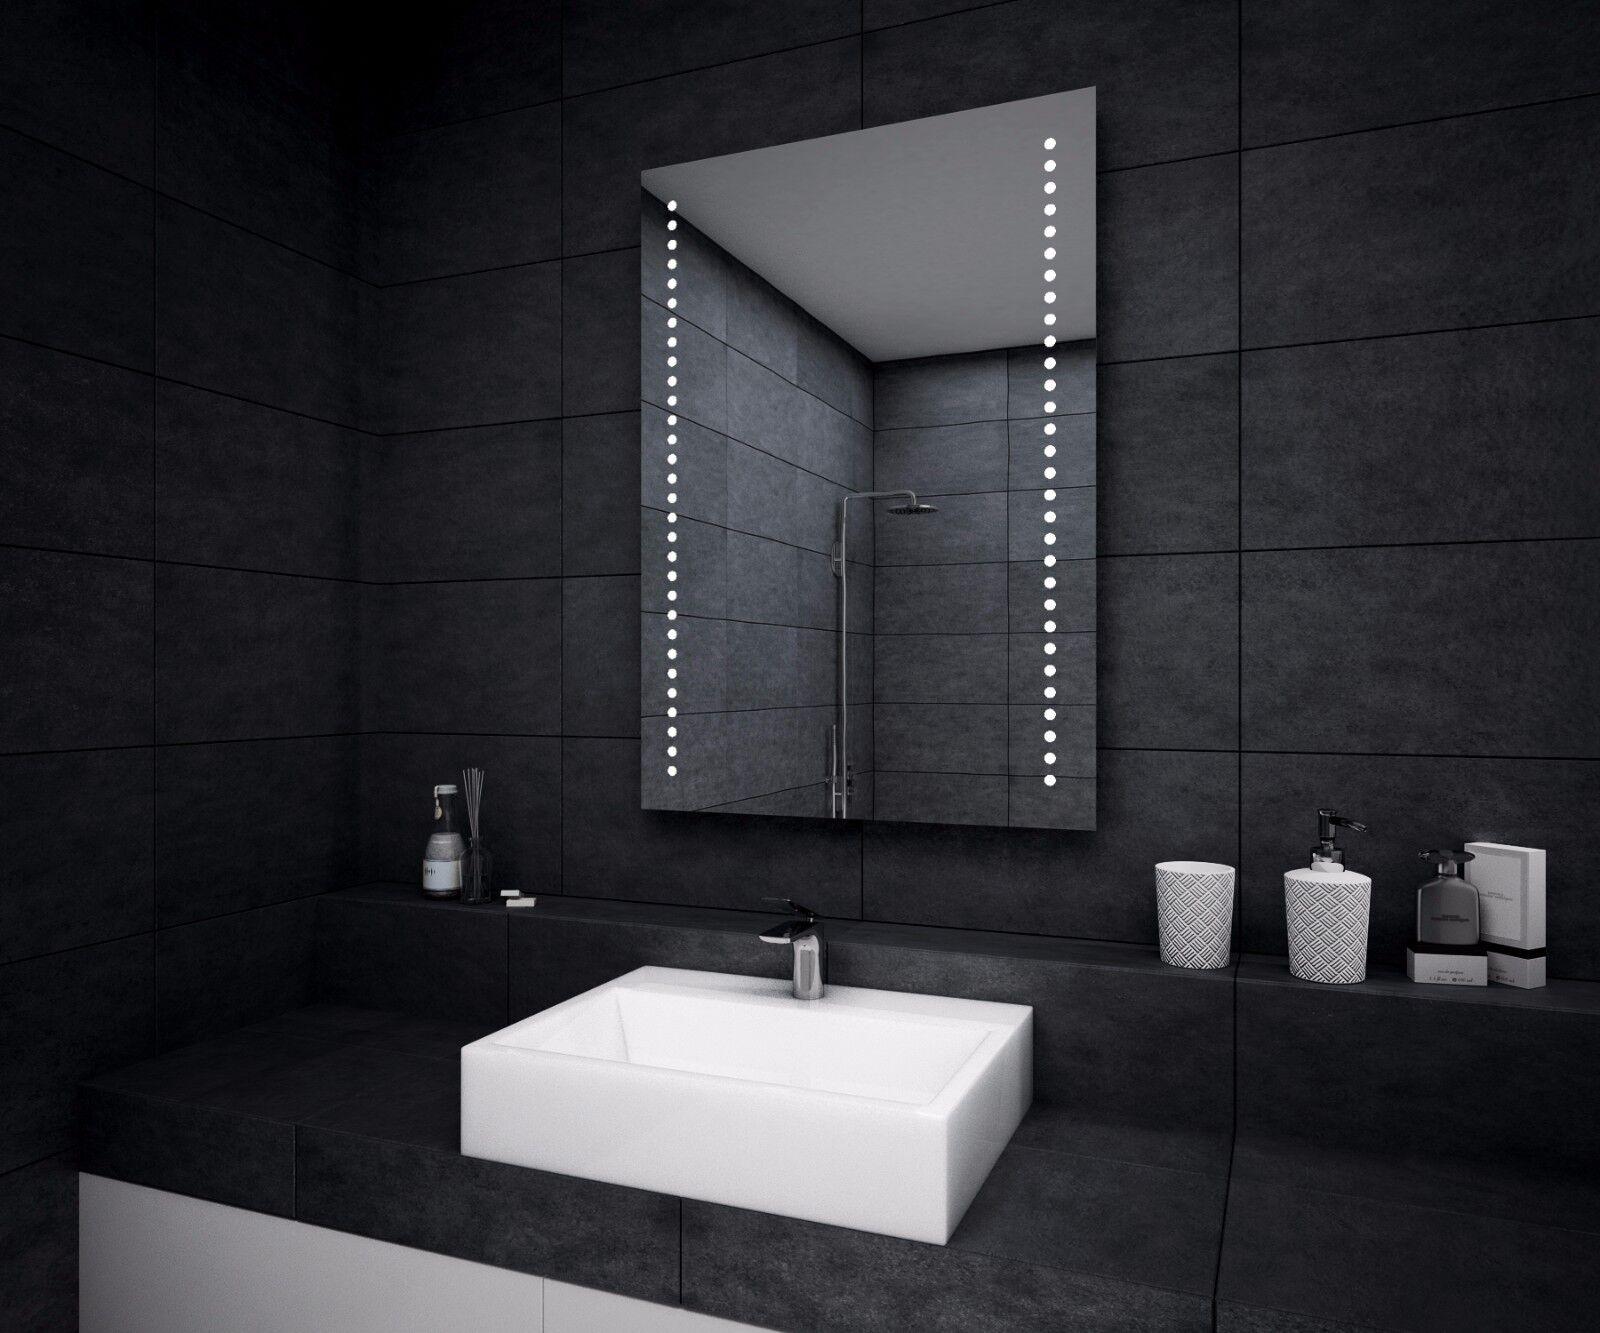 LED ILLUMINATED BATHROOM MIRROR   Demister   Sensor